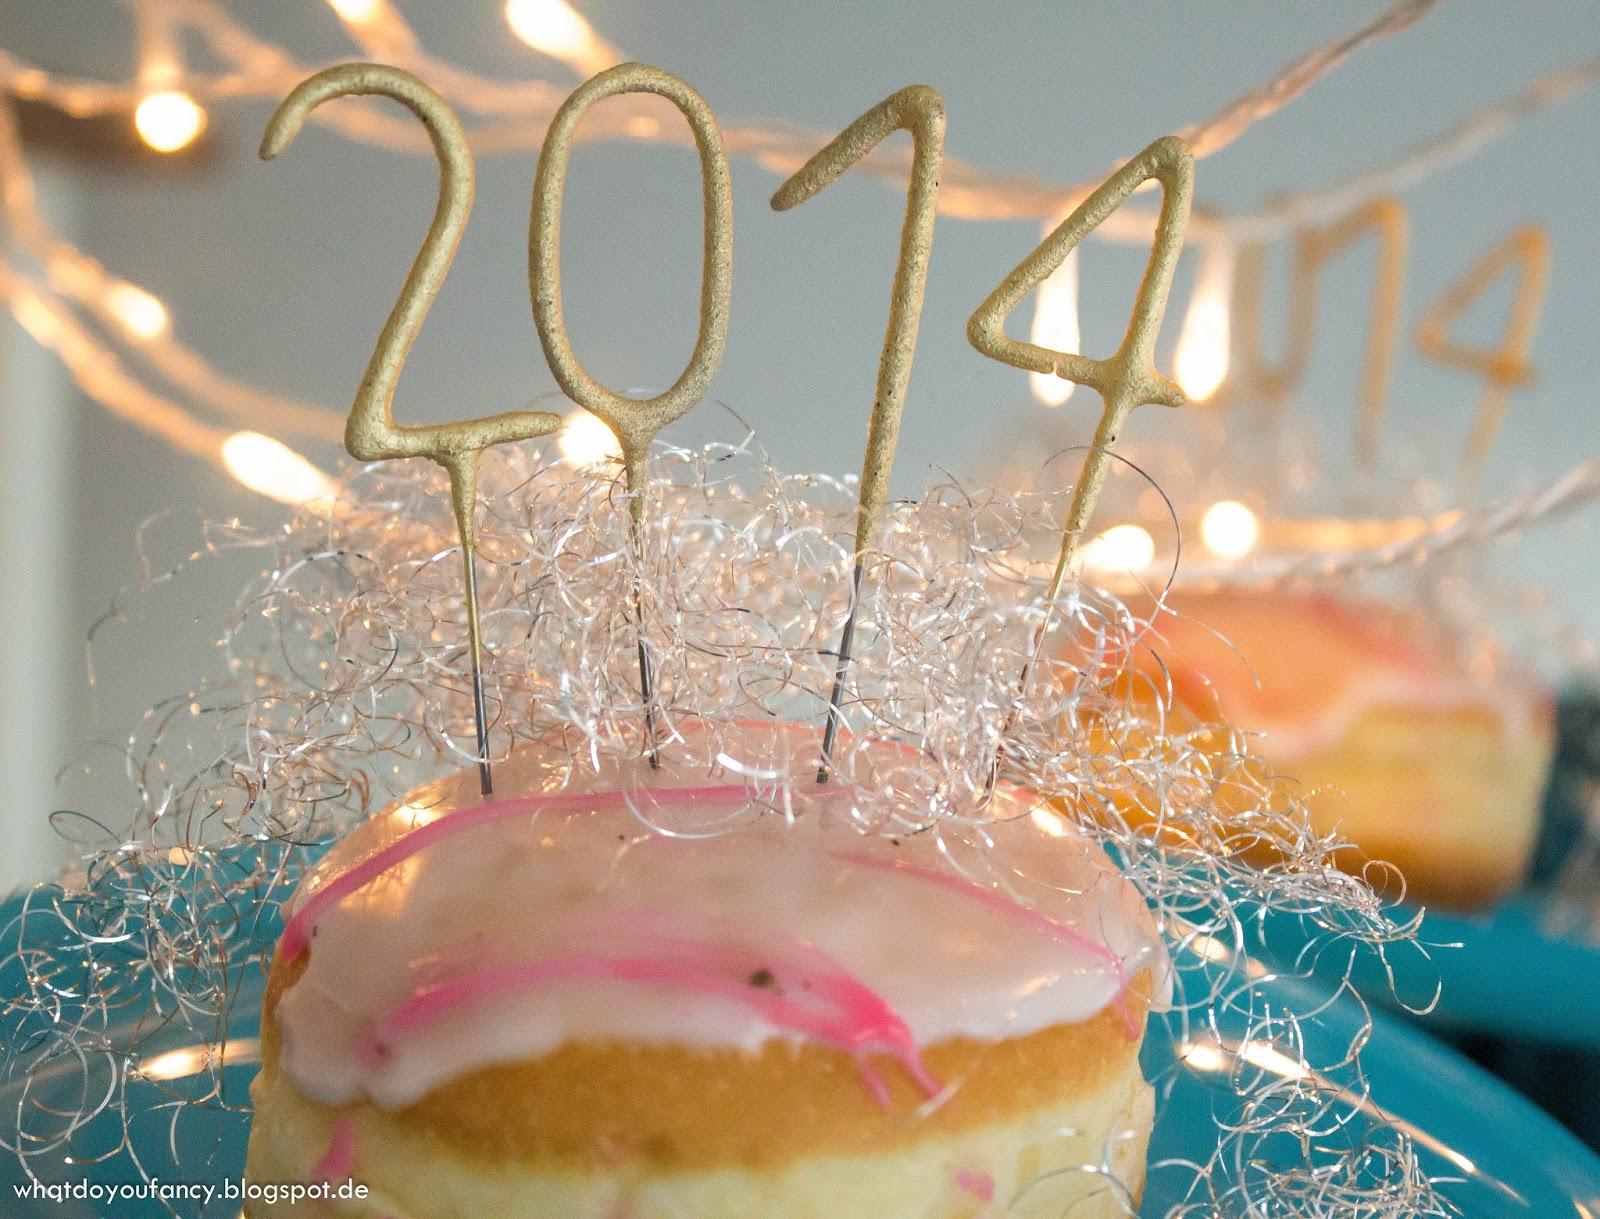 Goodbye 2013 – Hello 2014